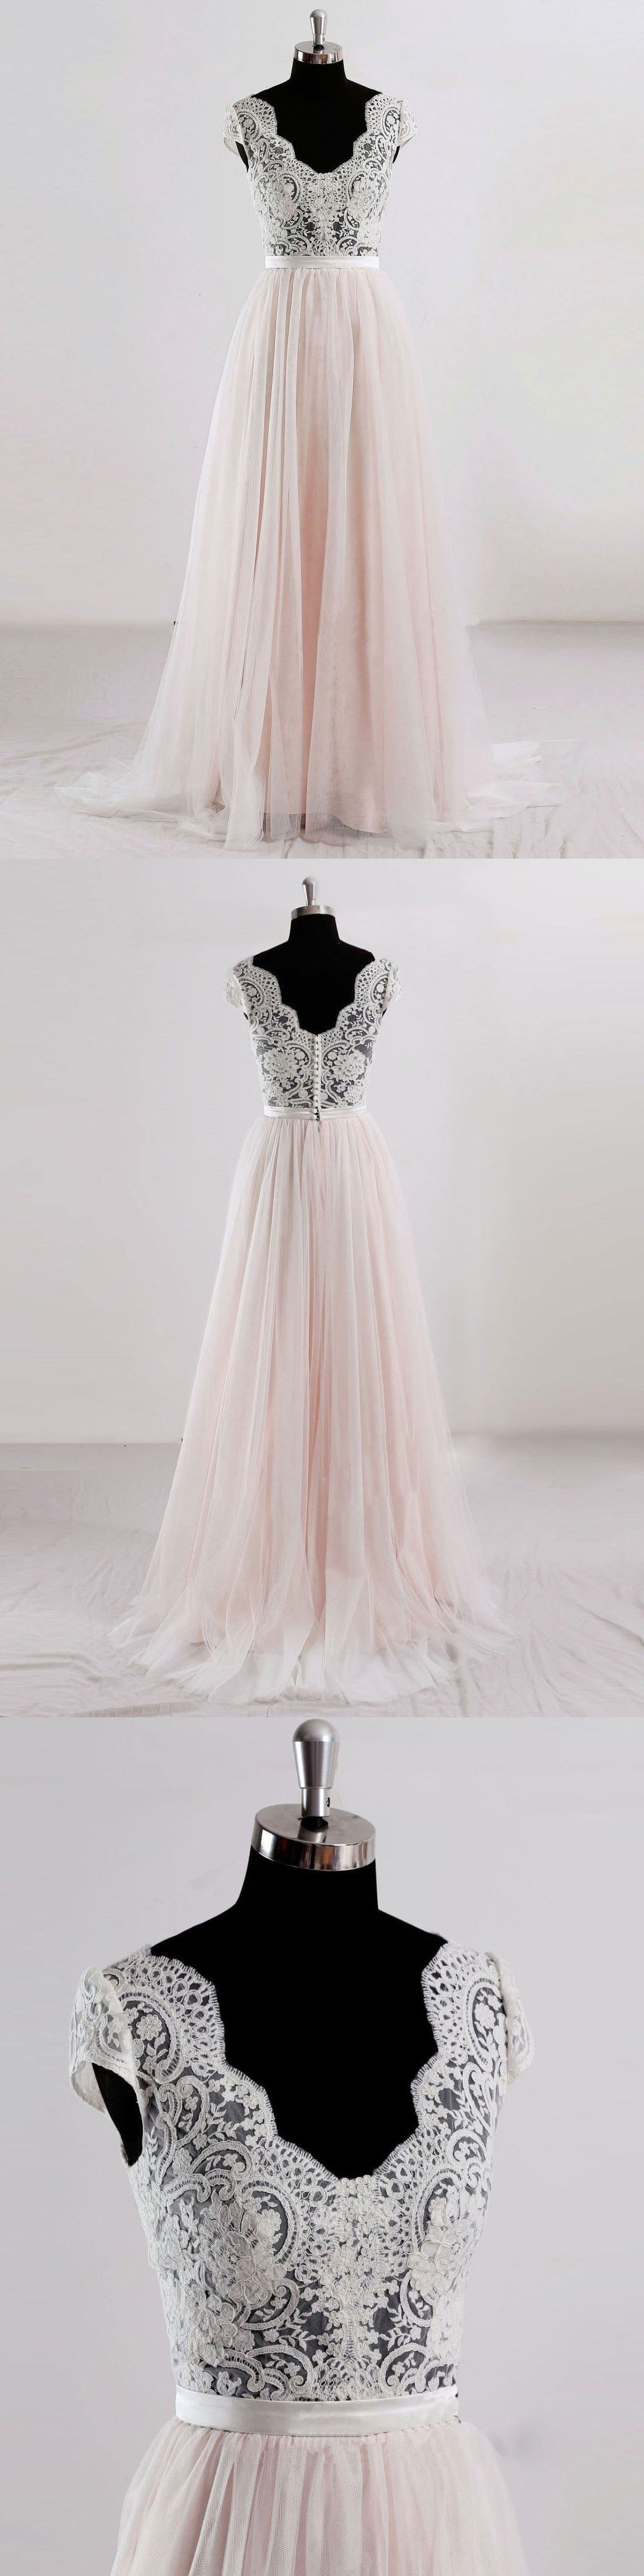 Prom dresses longprom dresses bohoprom dresses cheapjunior prom